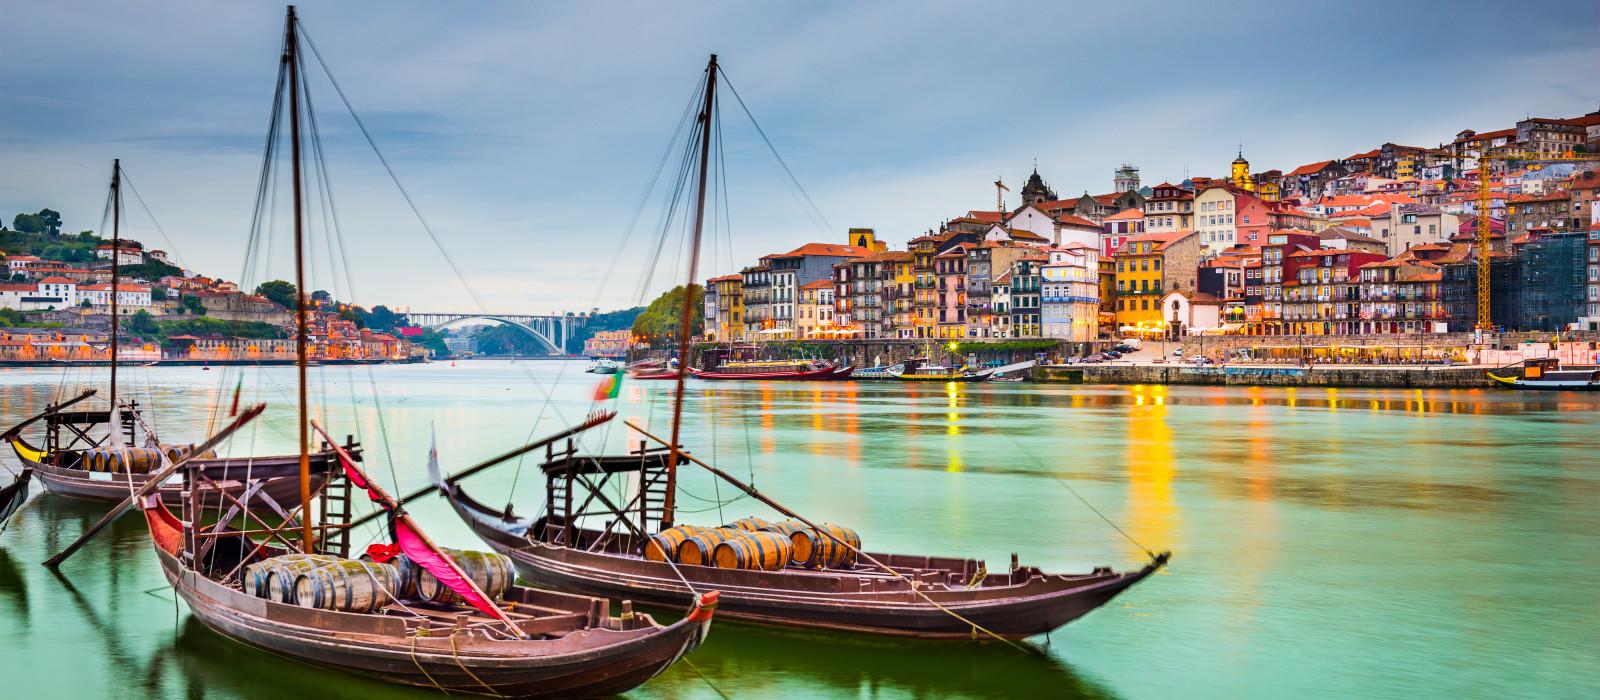 Kulinarische Reise durch Portugal – Wein, Olivenöl und Meer Urlaub 1